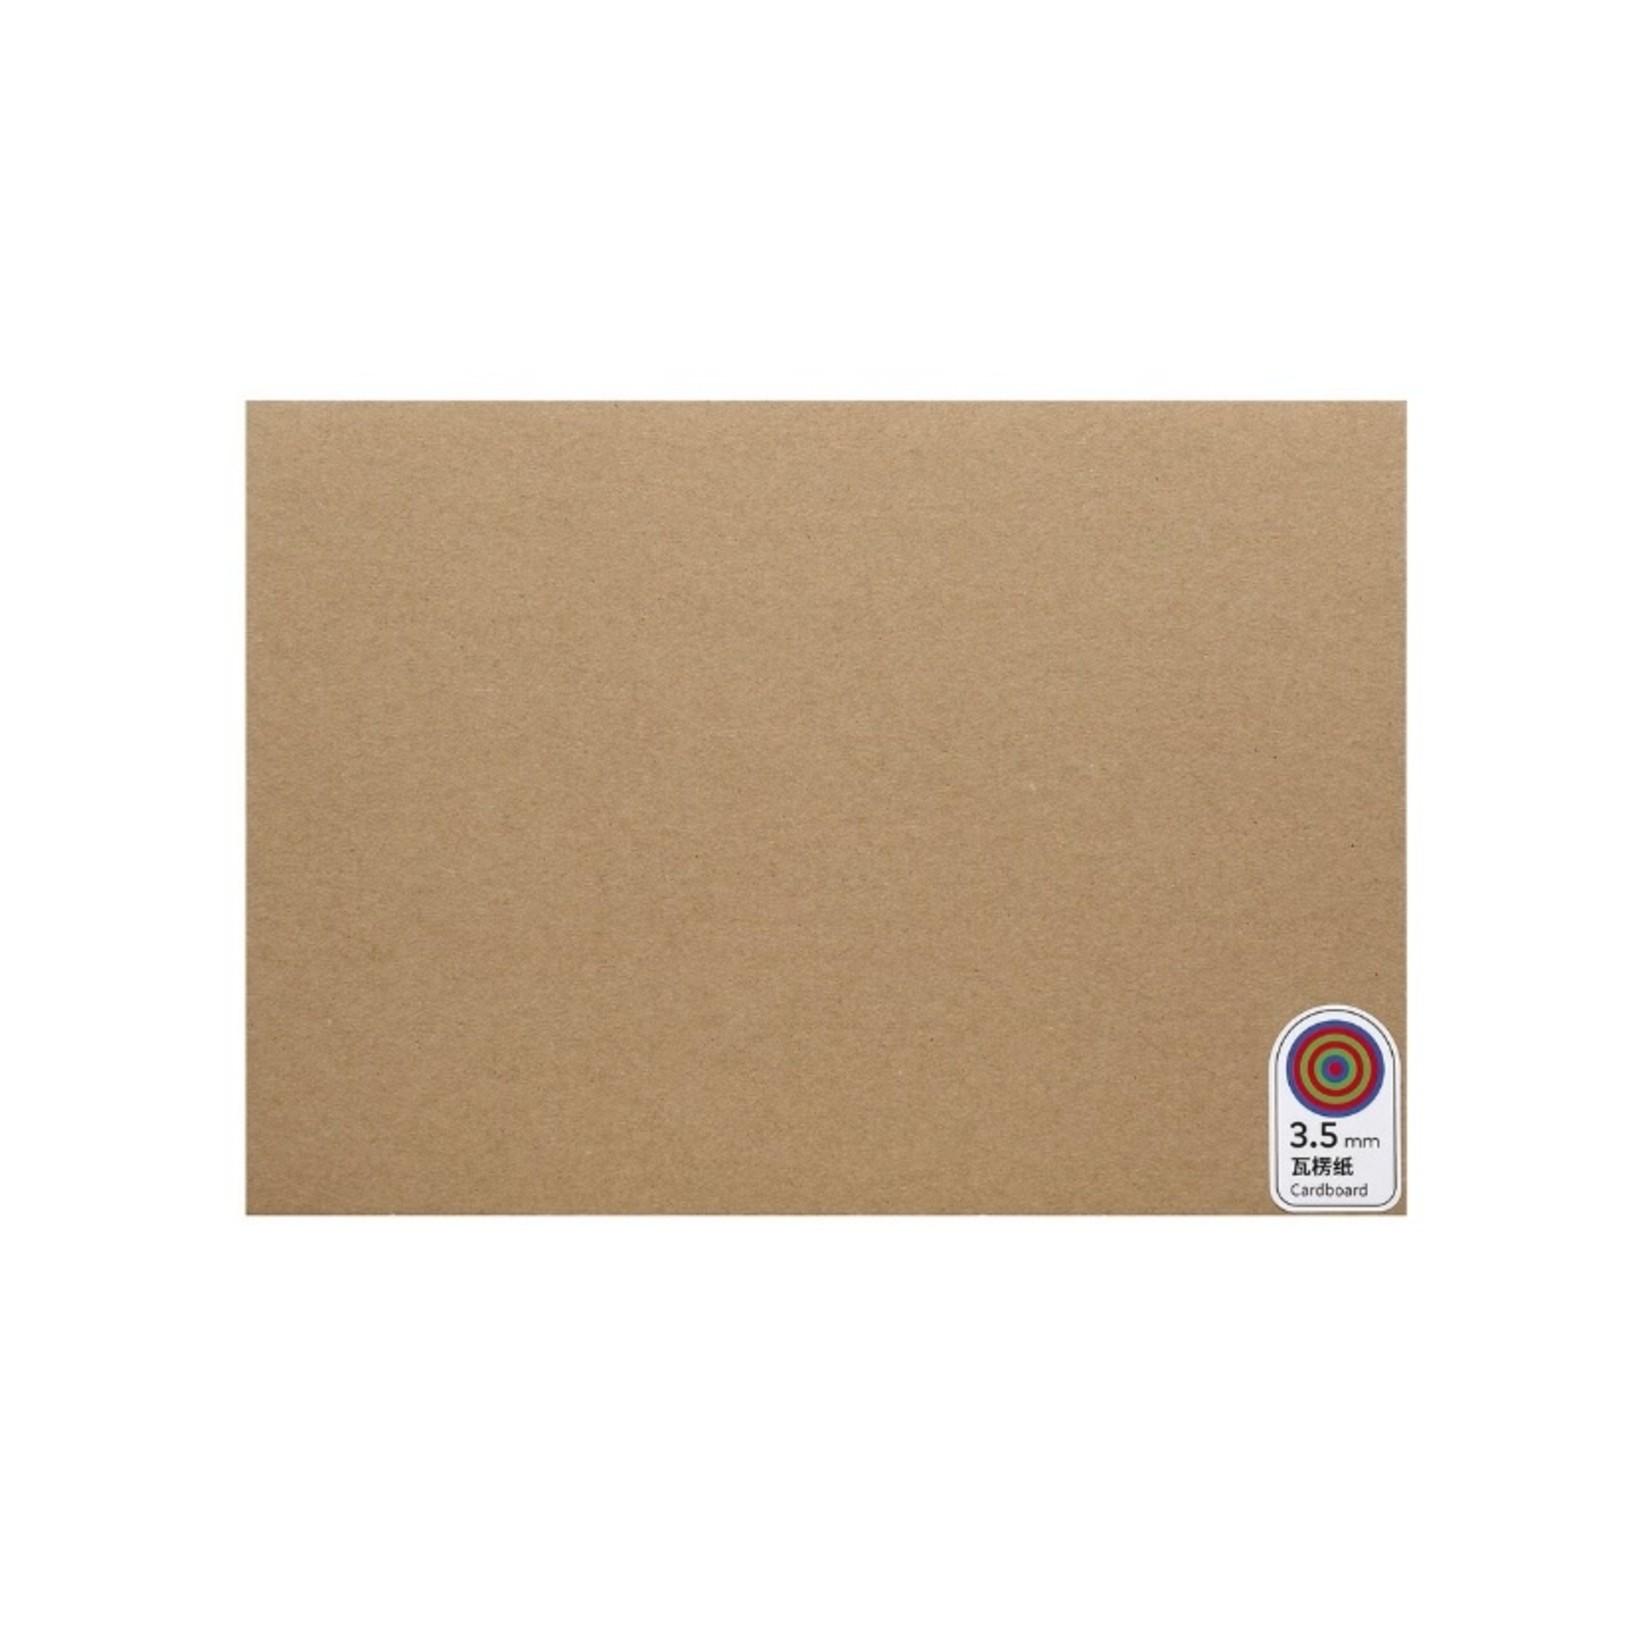 makeblock Laserbox Accessories 3.5mm Cardboard(45 pcs)